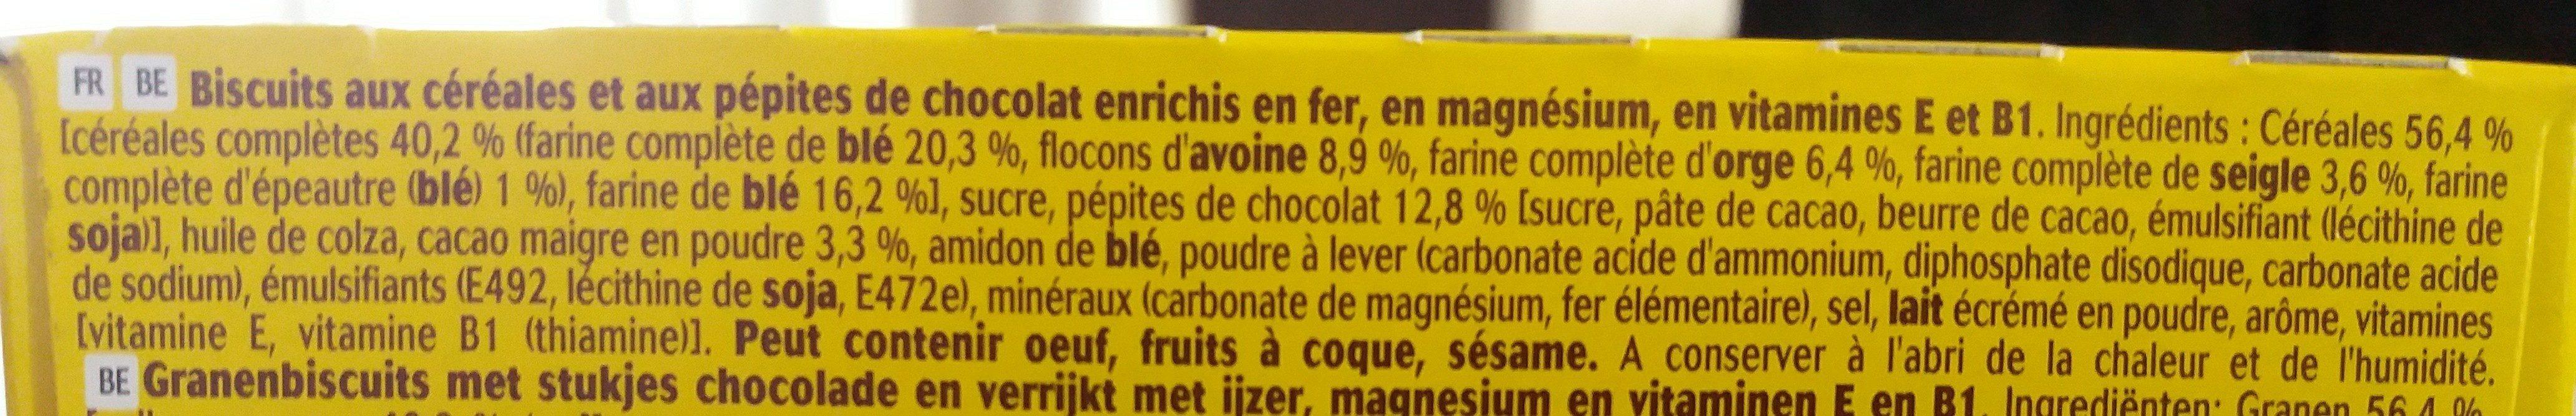 Belvita chocolat et céréales complètes - Ingrediënten